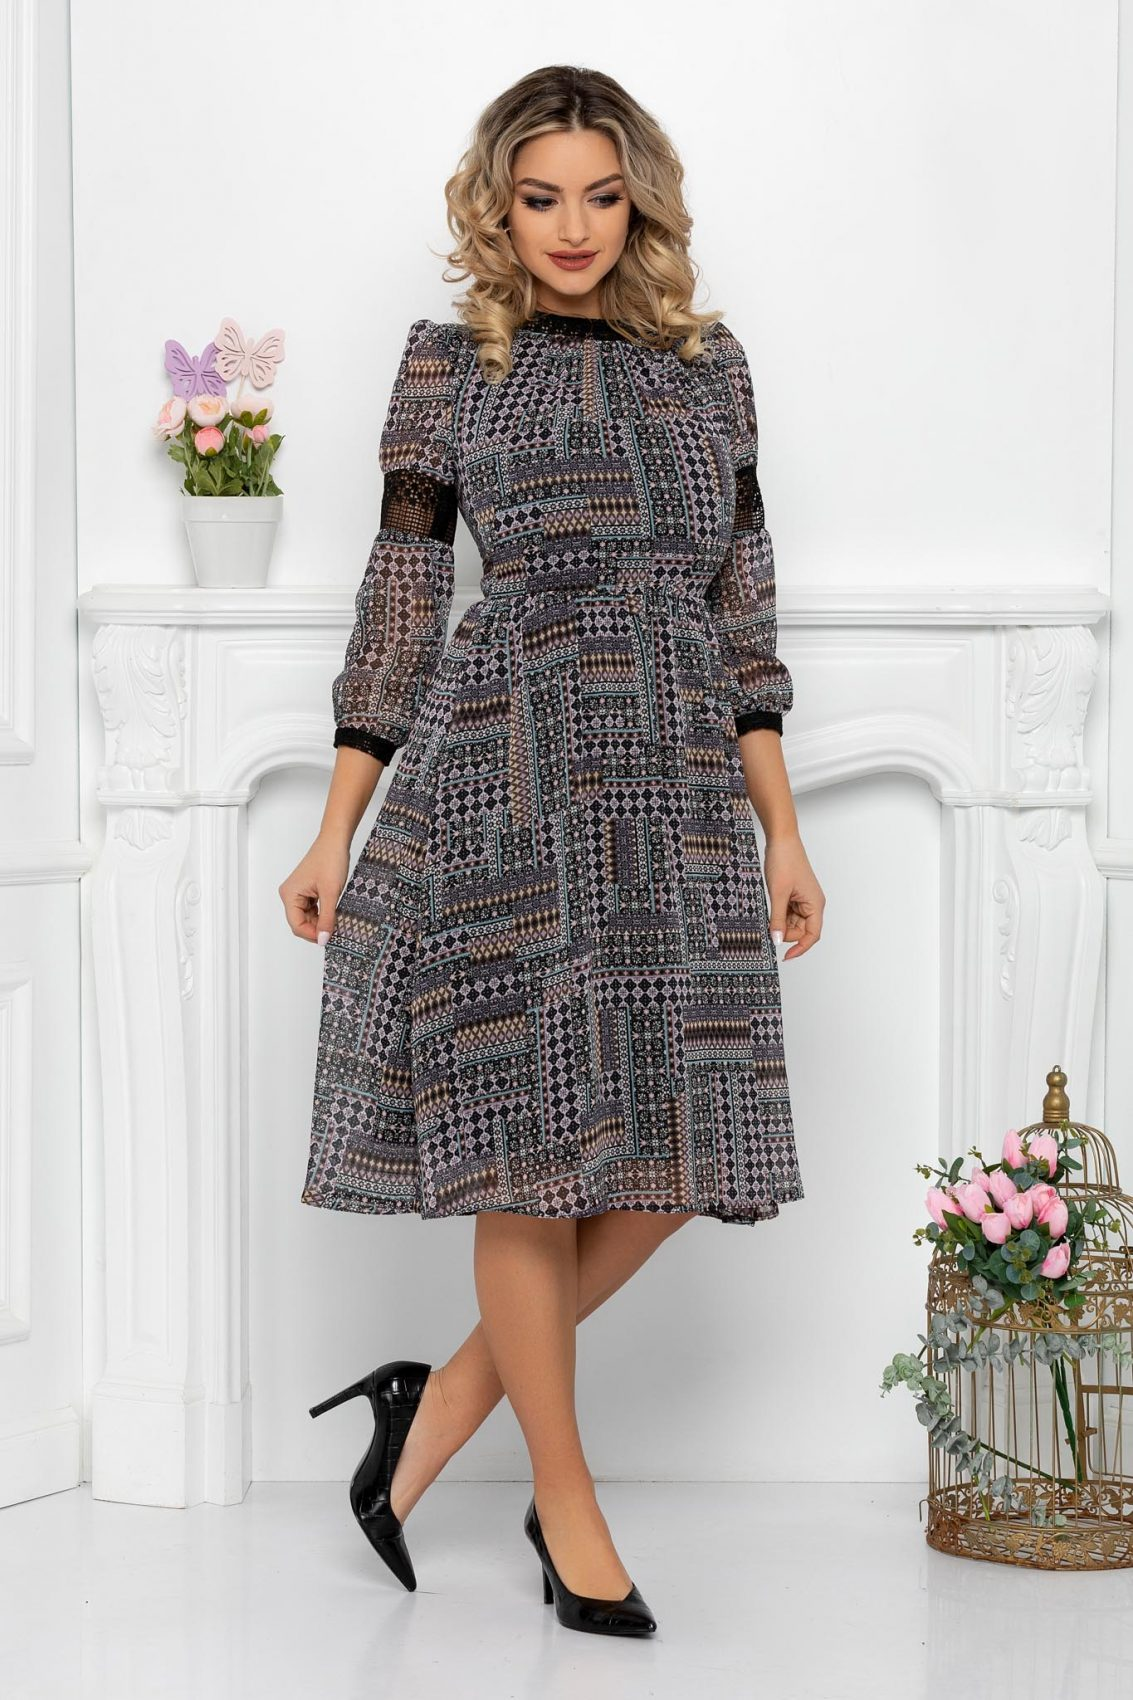 Μαύρο Φόρεμα Με Δαντέλα Cerise 9455 1